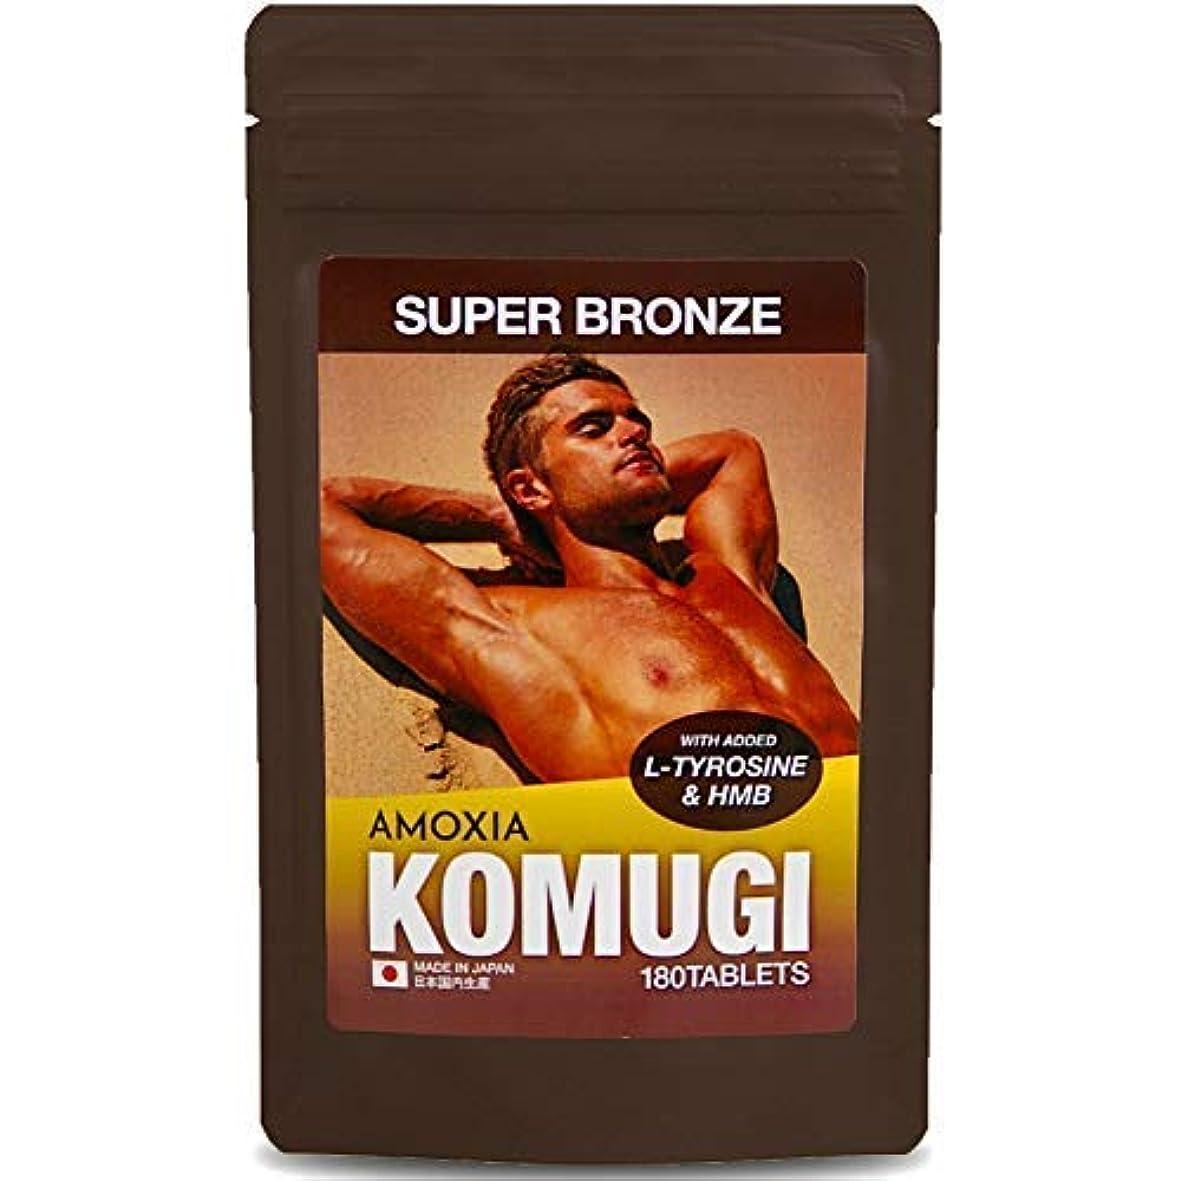 疑いバレーボール居眠りするKOMUGI 日焼けと筋肉増強で新発想の飲むタンニング タンニングサプリメント 安心の国産 HMB配合 国産シェア100%